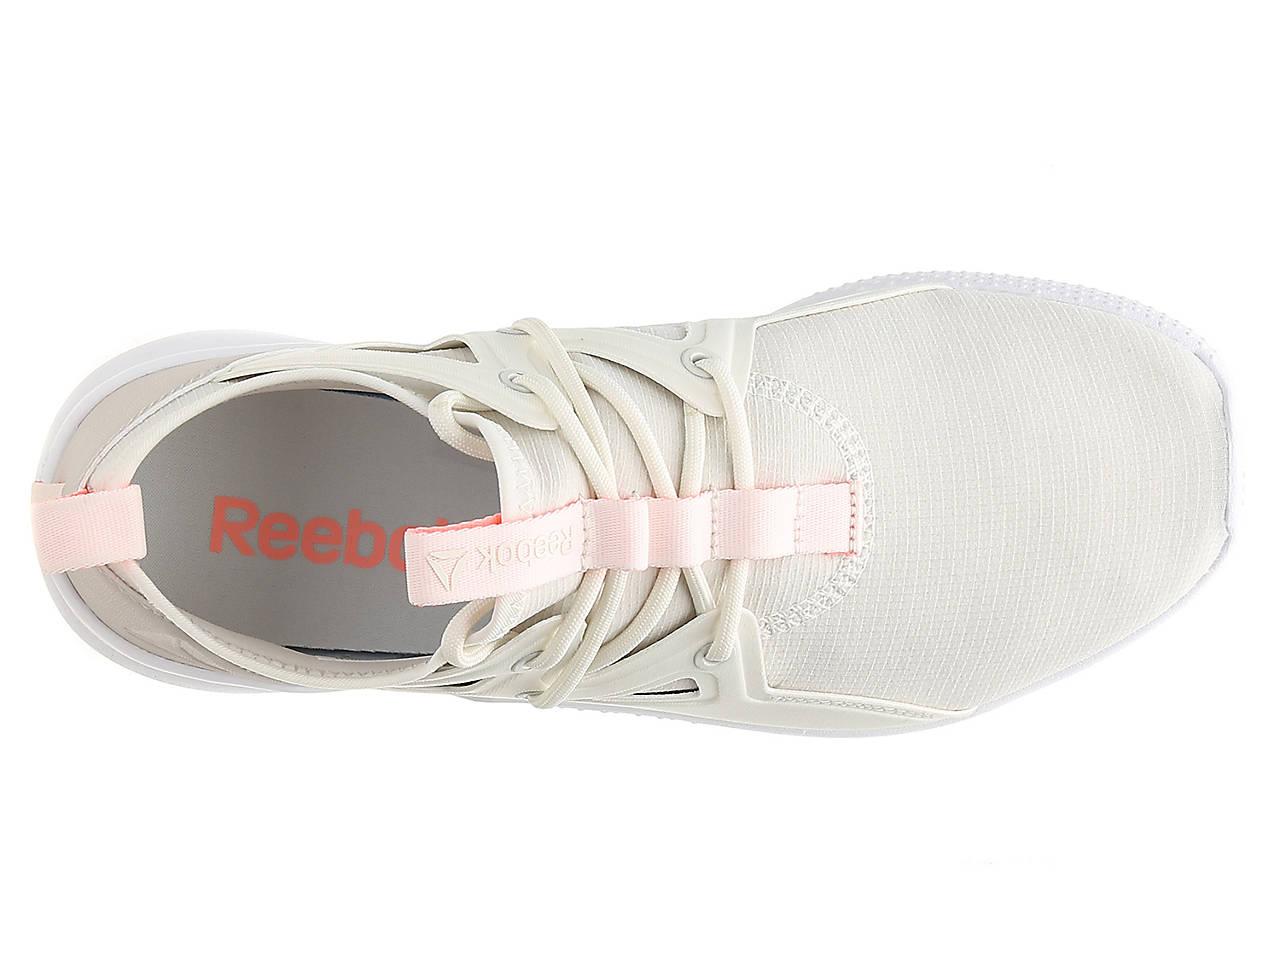 196f619ac69a Reebok Cardio Motion Training Shoe - Women s Women s Shoes